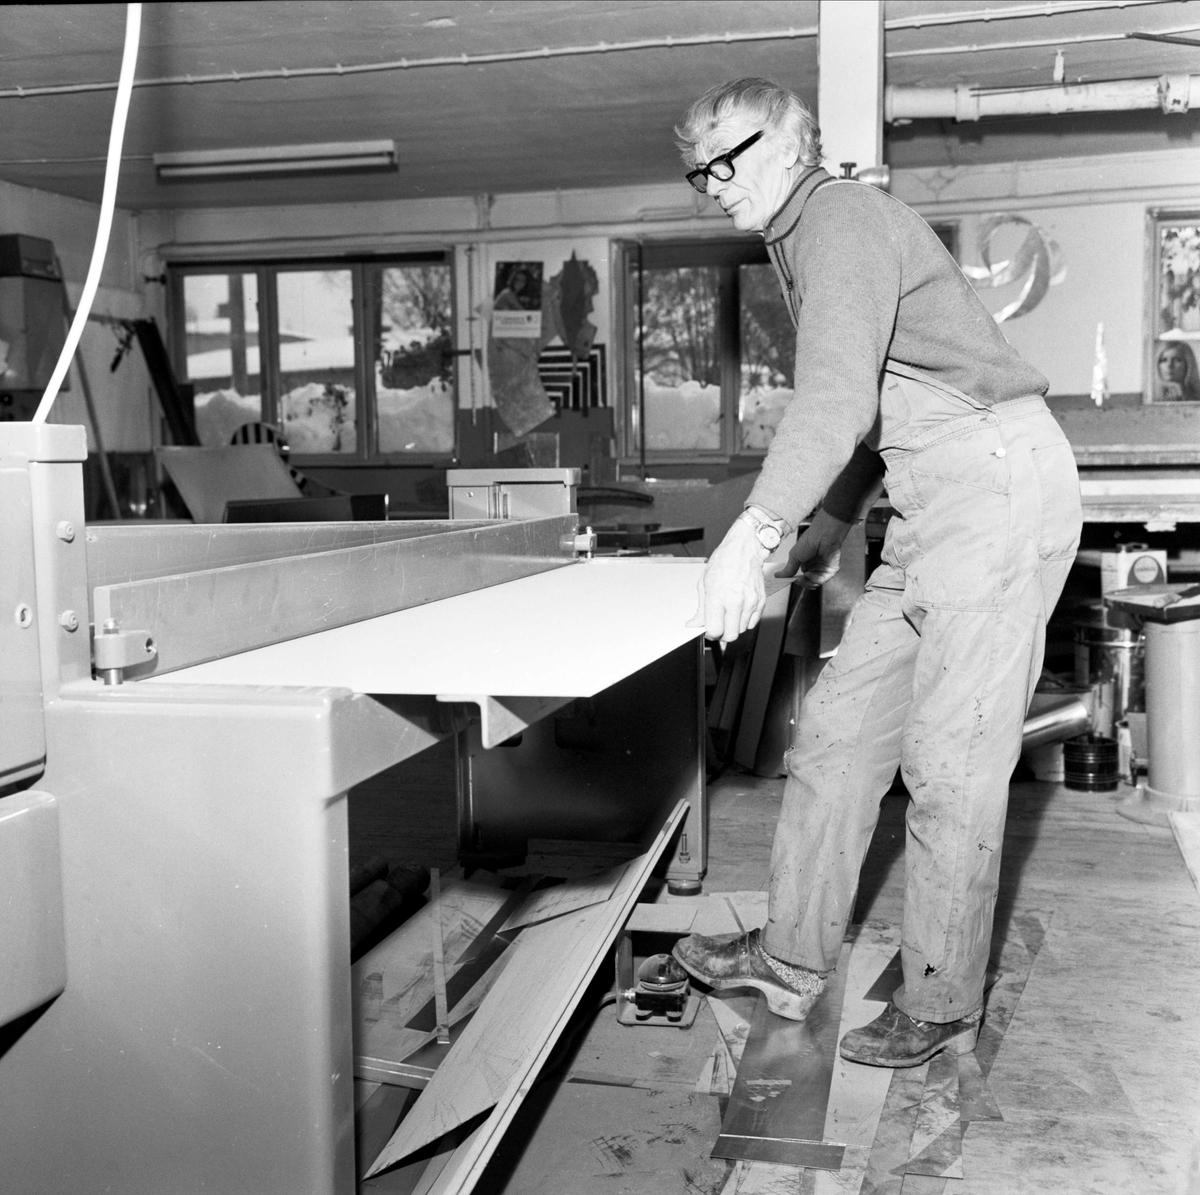 Hägerströms, Örbyhus, Uppland, interiör 1973